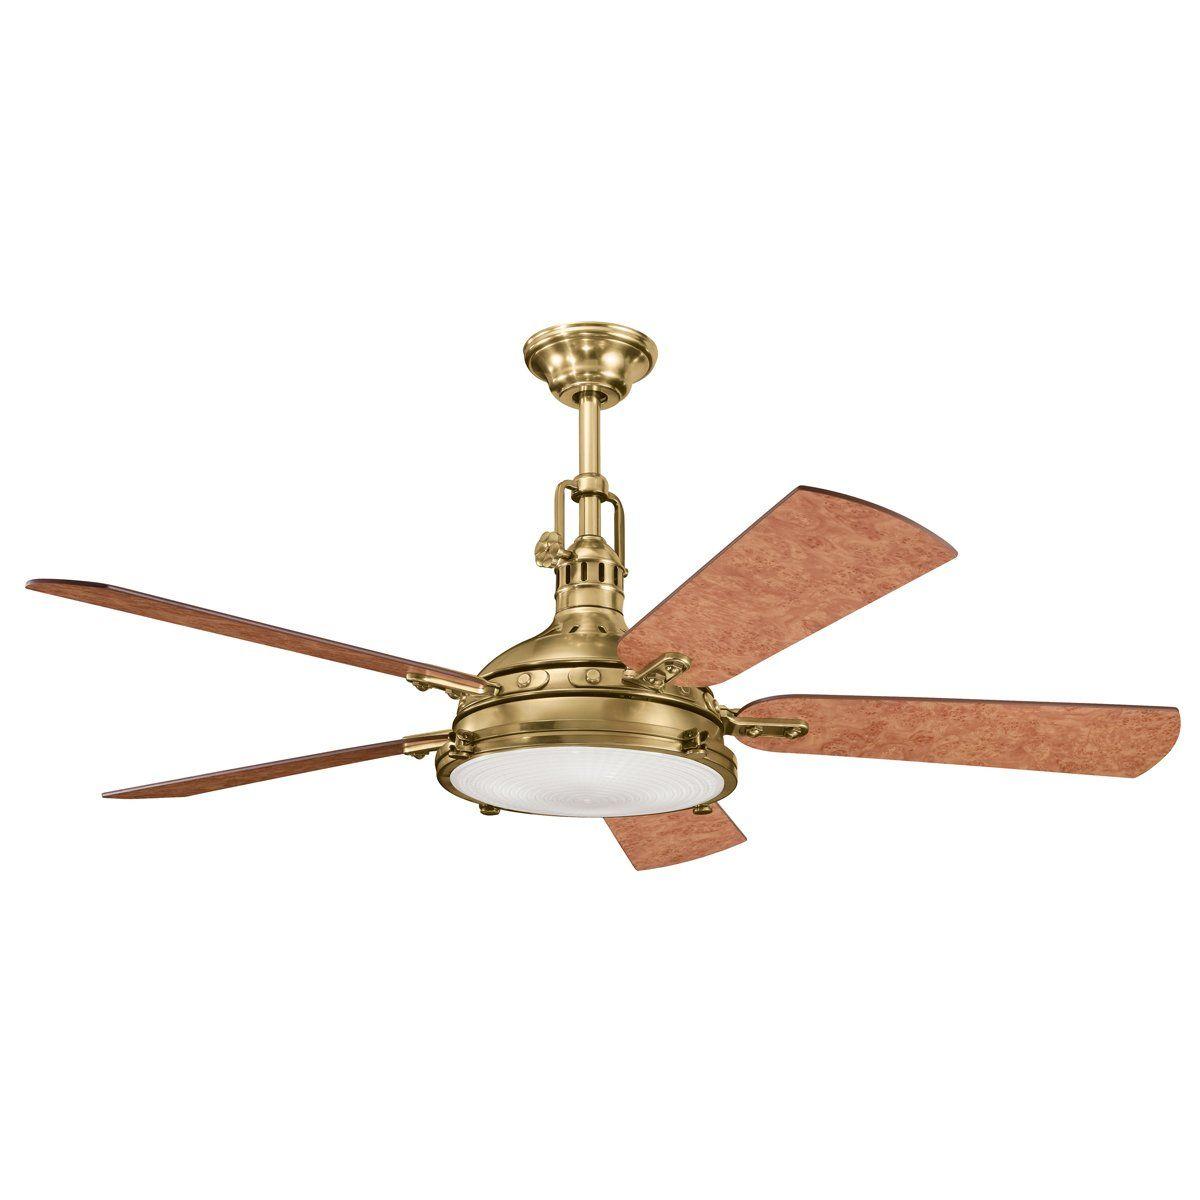 Robot Check Ceiling Fan Ceiling Fan With Light Brass Ceiling Fan